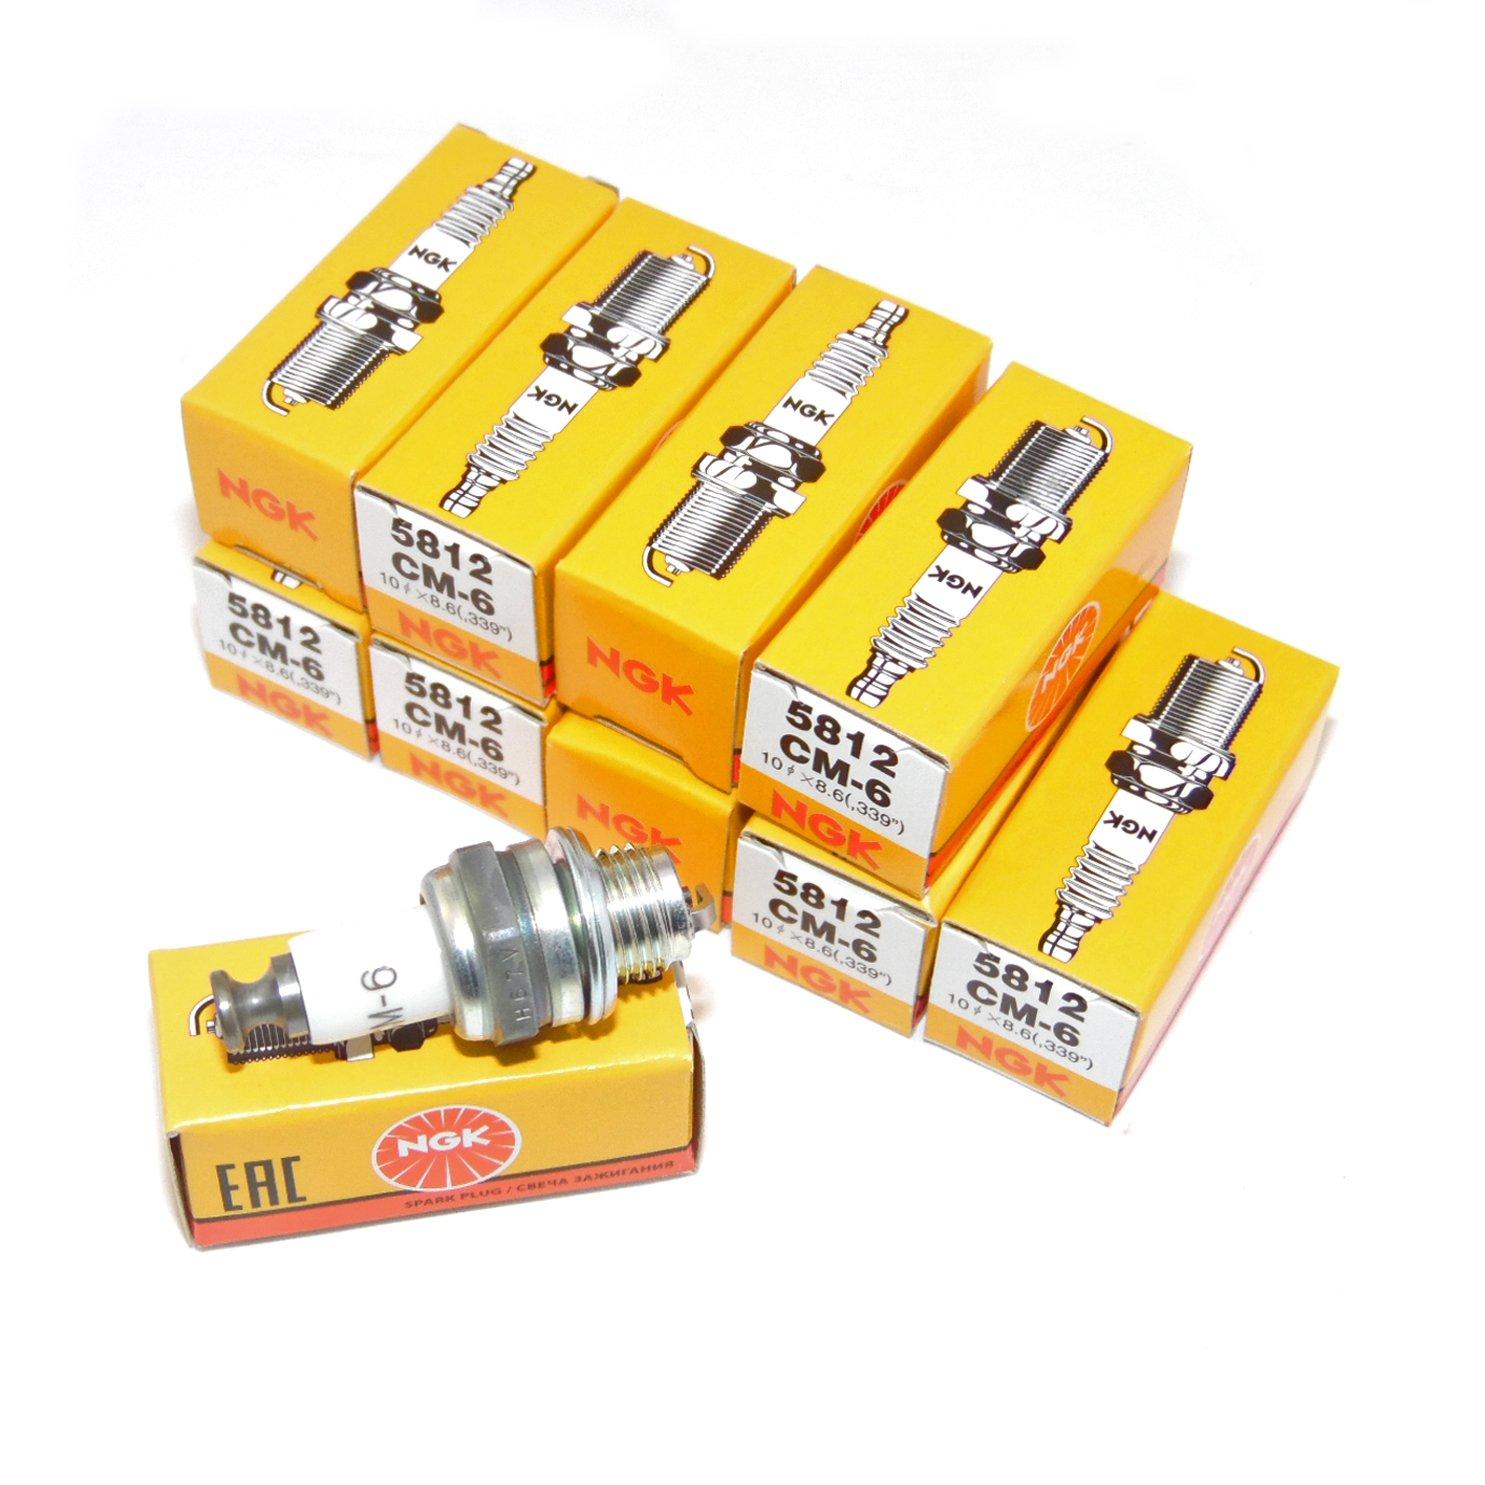 5812 CM6 CM-6 Spark plugs (10pk)